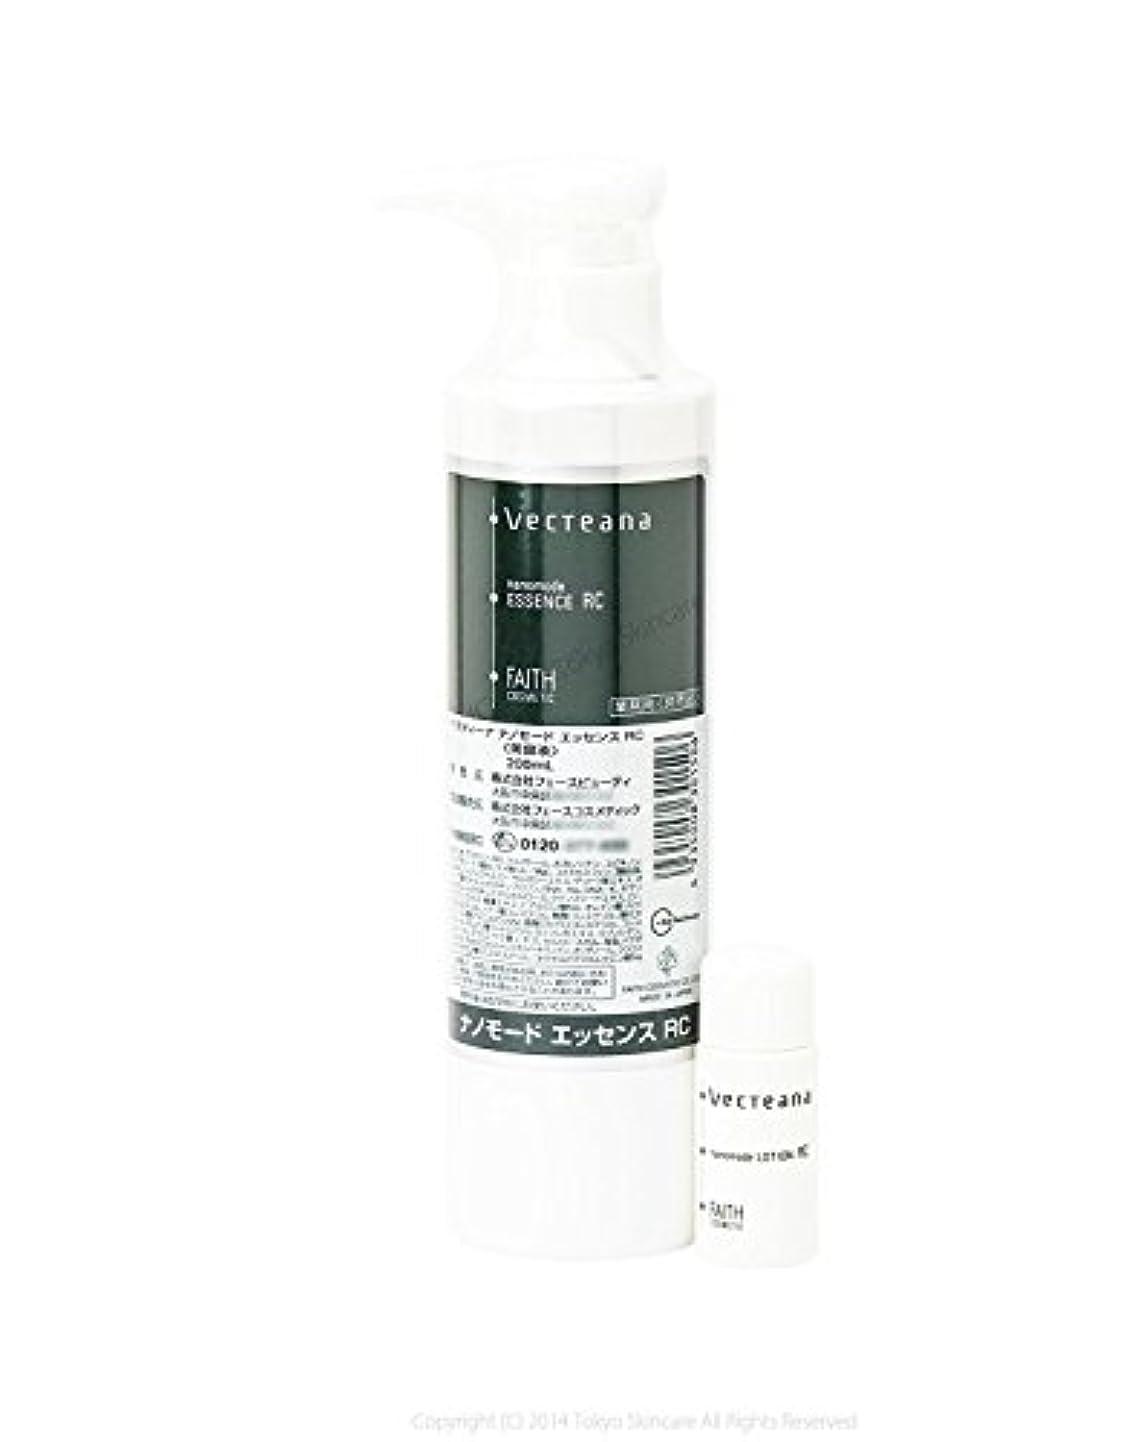 寝室を掃除する直感鼻ベクティーナ ナノモード エッセンス RC 業務用 (200ml)TSCオリジナルパッケージ